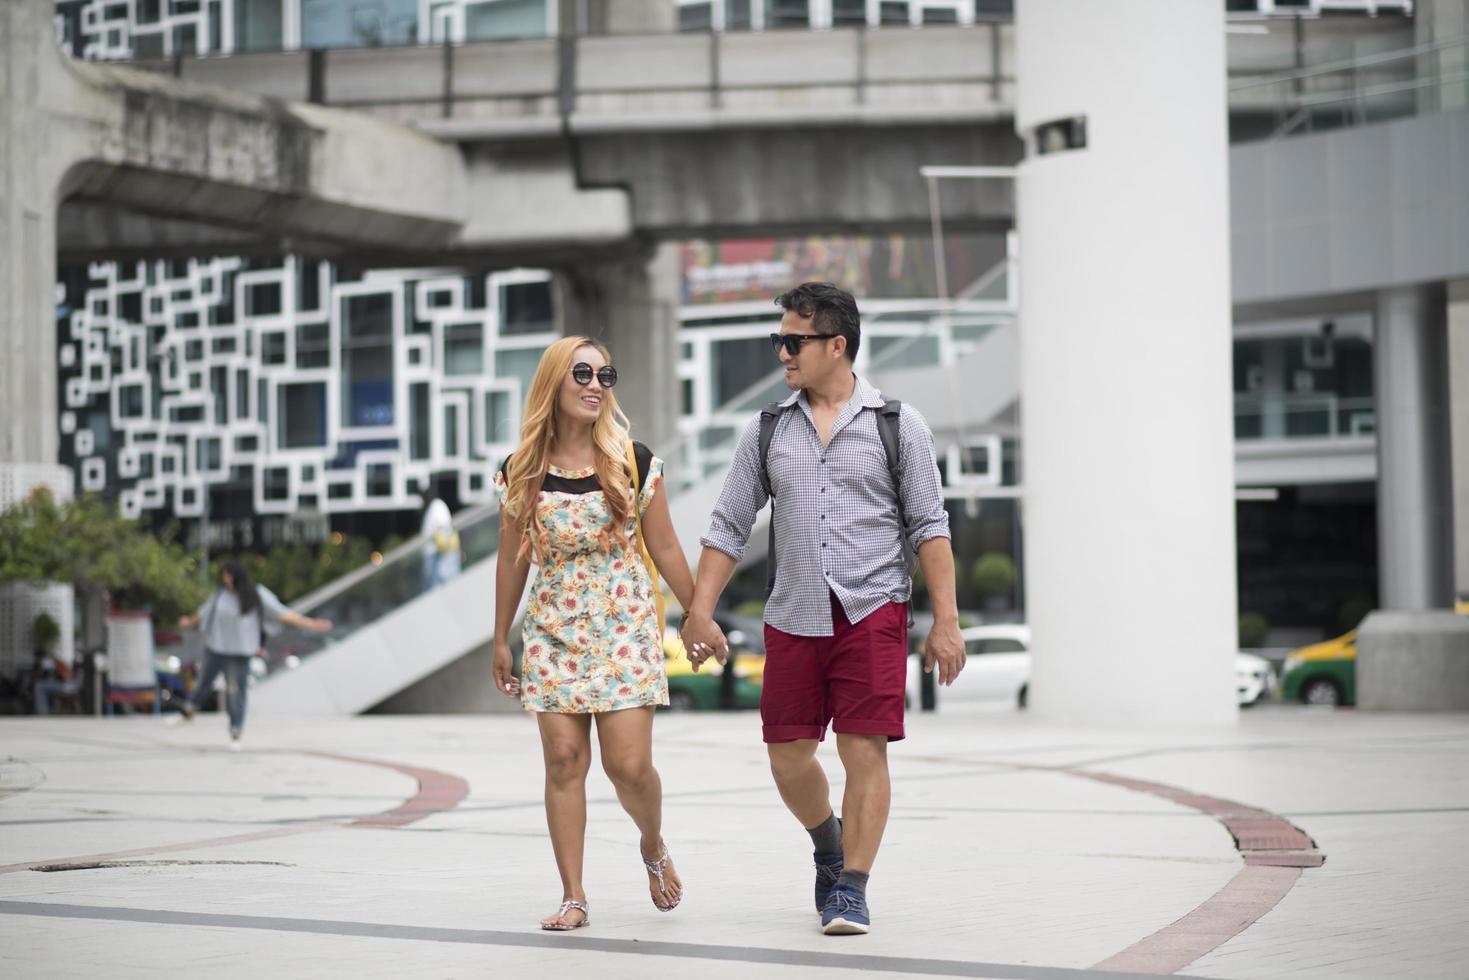 coppia felice che cammina insieme per la città foto